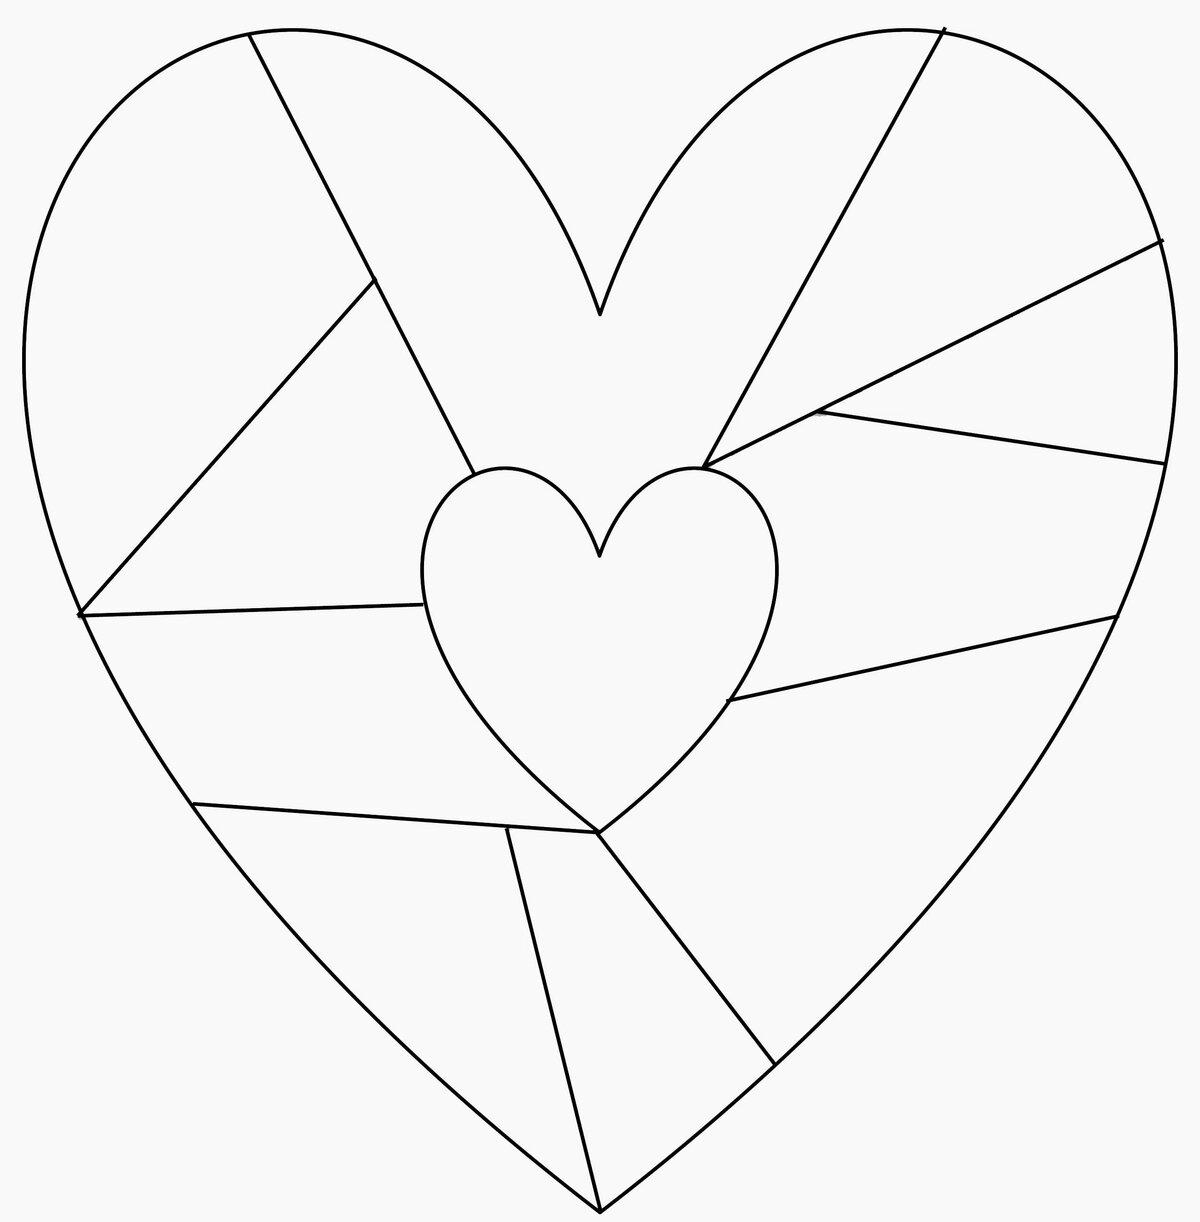 Как вырезать открытку сердце